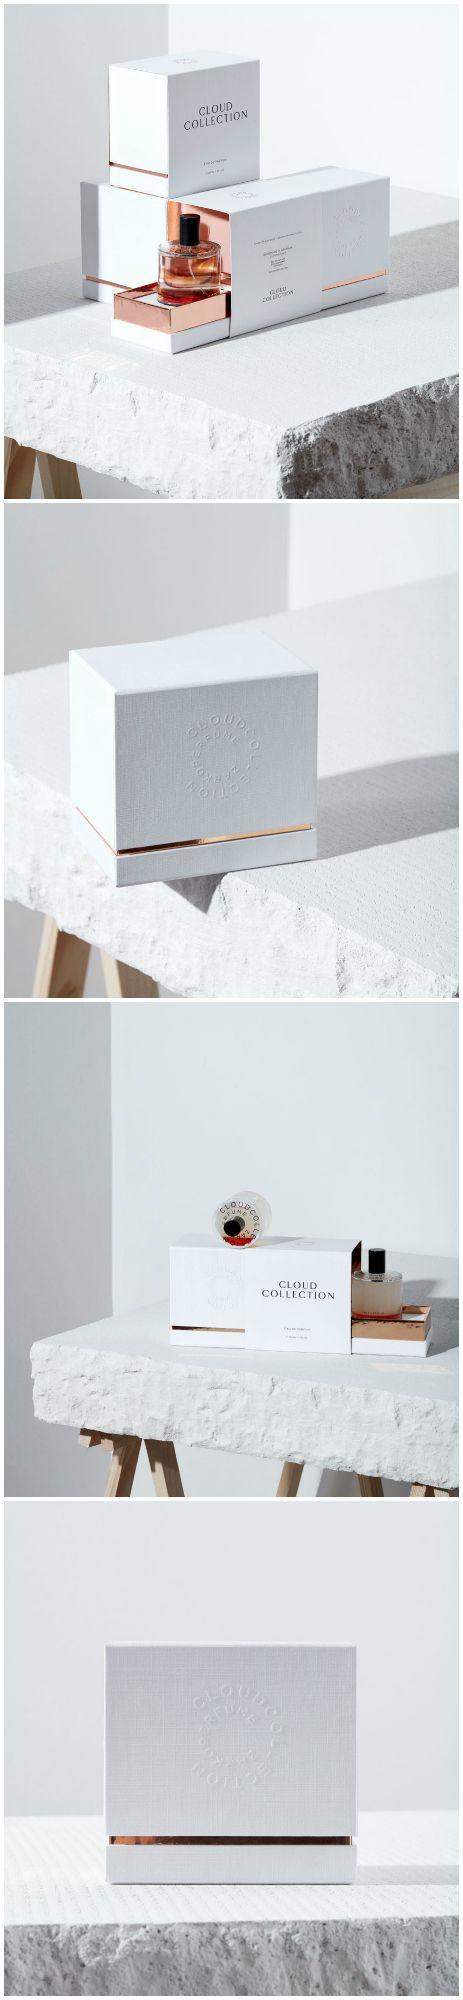 veneto packaging home work